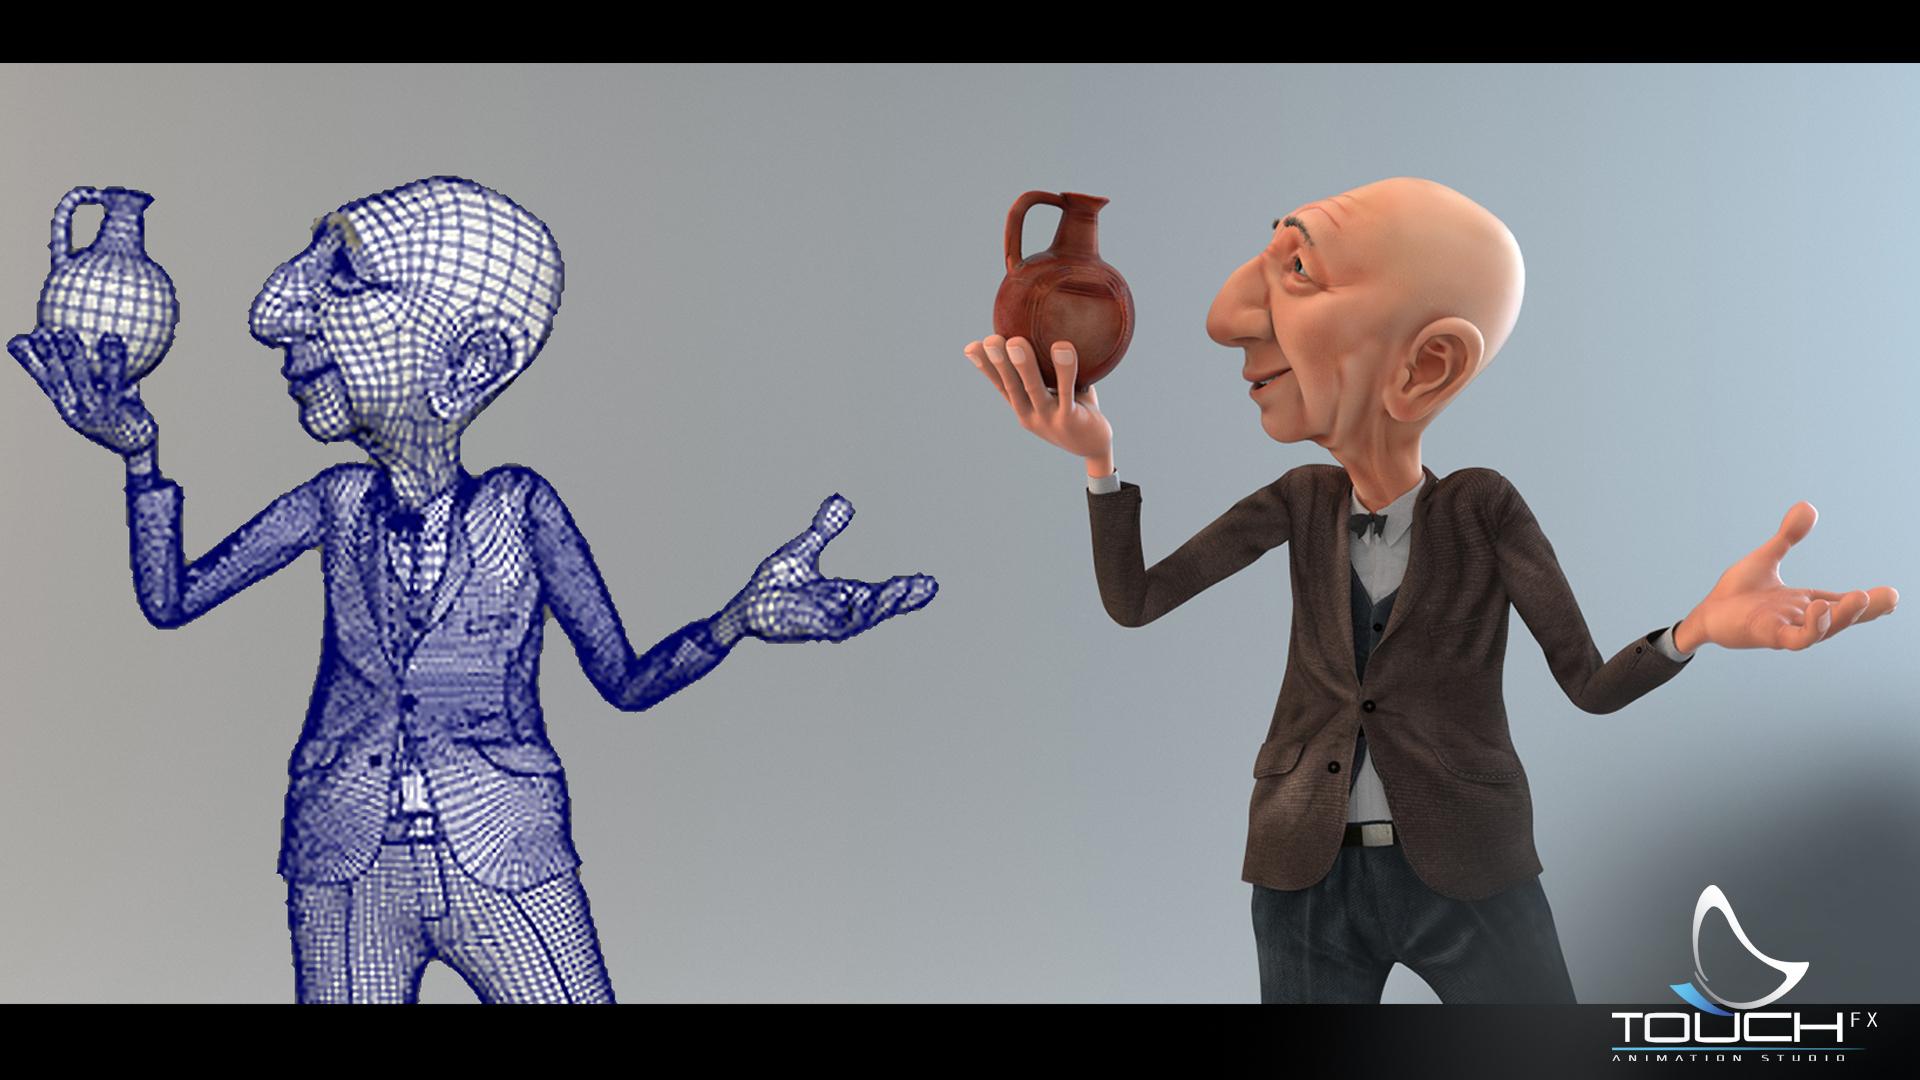 Компьютерная анимация картинка